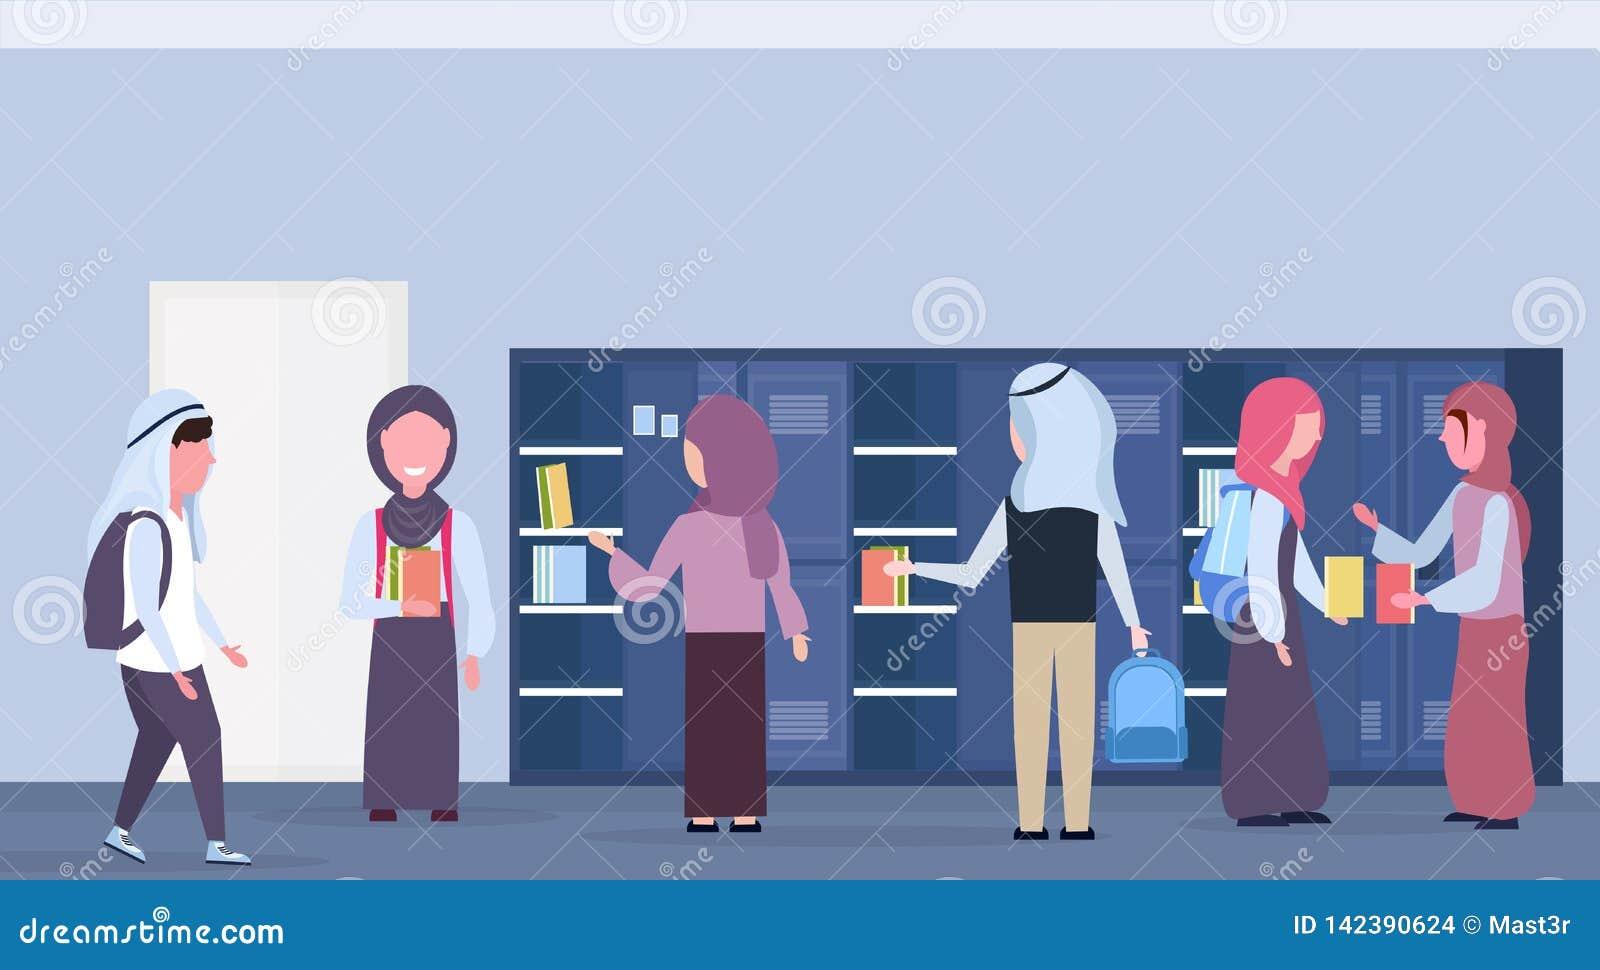 采取书的阿拉伯学童小组在hijab现代学校走廊内部教育的衣物柜回教学生外面